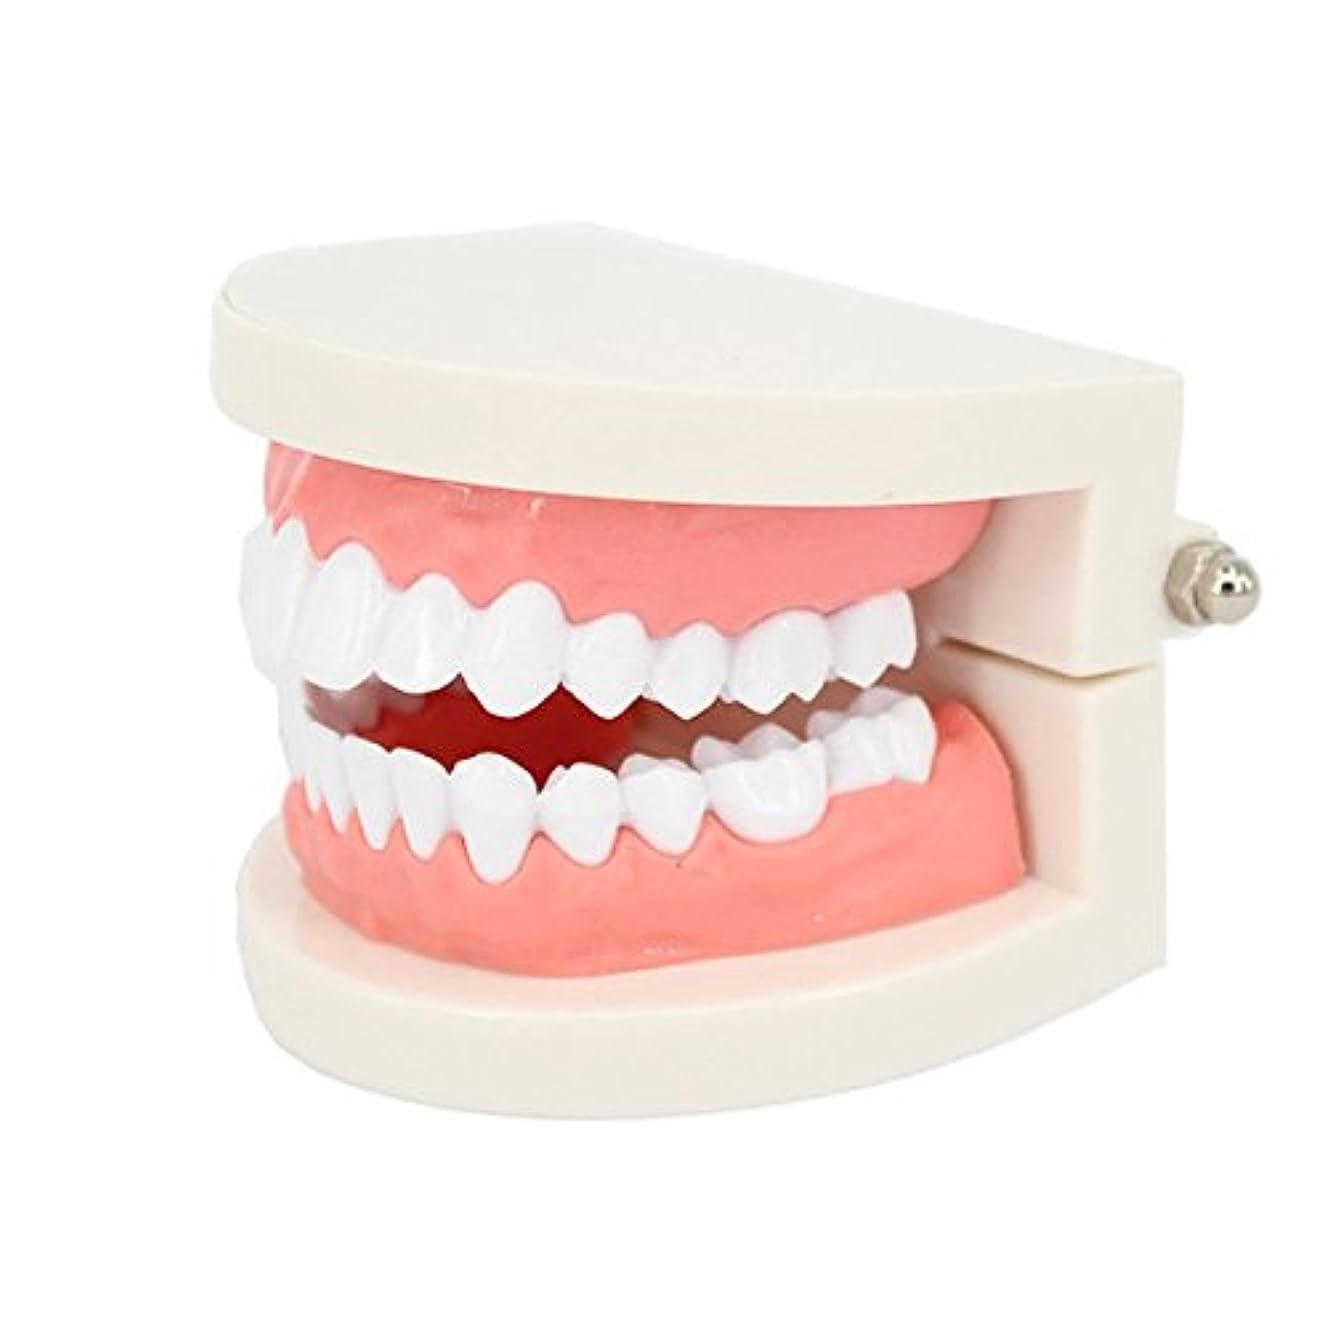 絶望的なおもてなし魅力ROSENICE 歯科医 歯列模型 歯は着脱可能 指導用模型